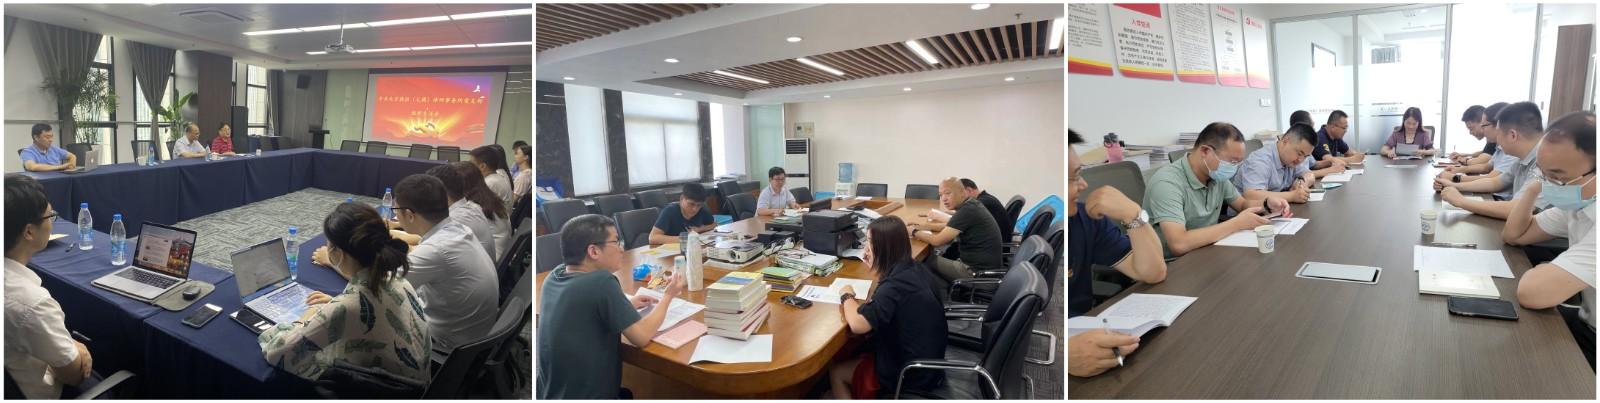 锡山区律师行业党组织召开专题组织生活会